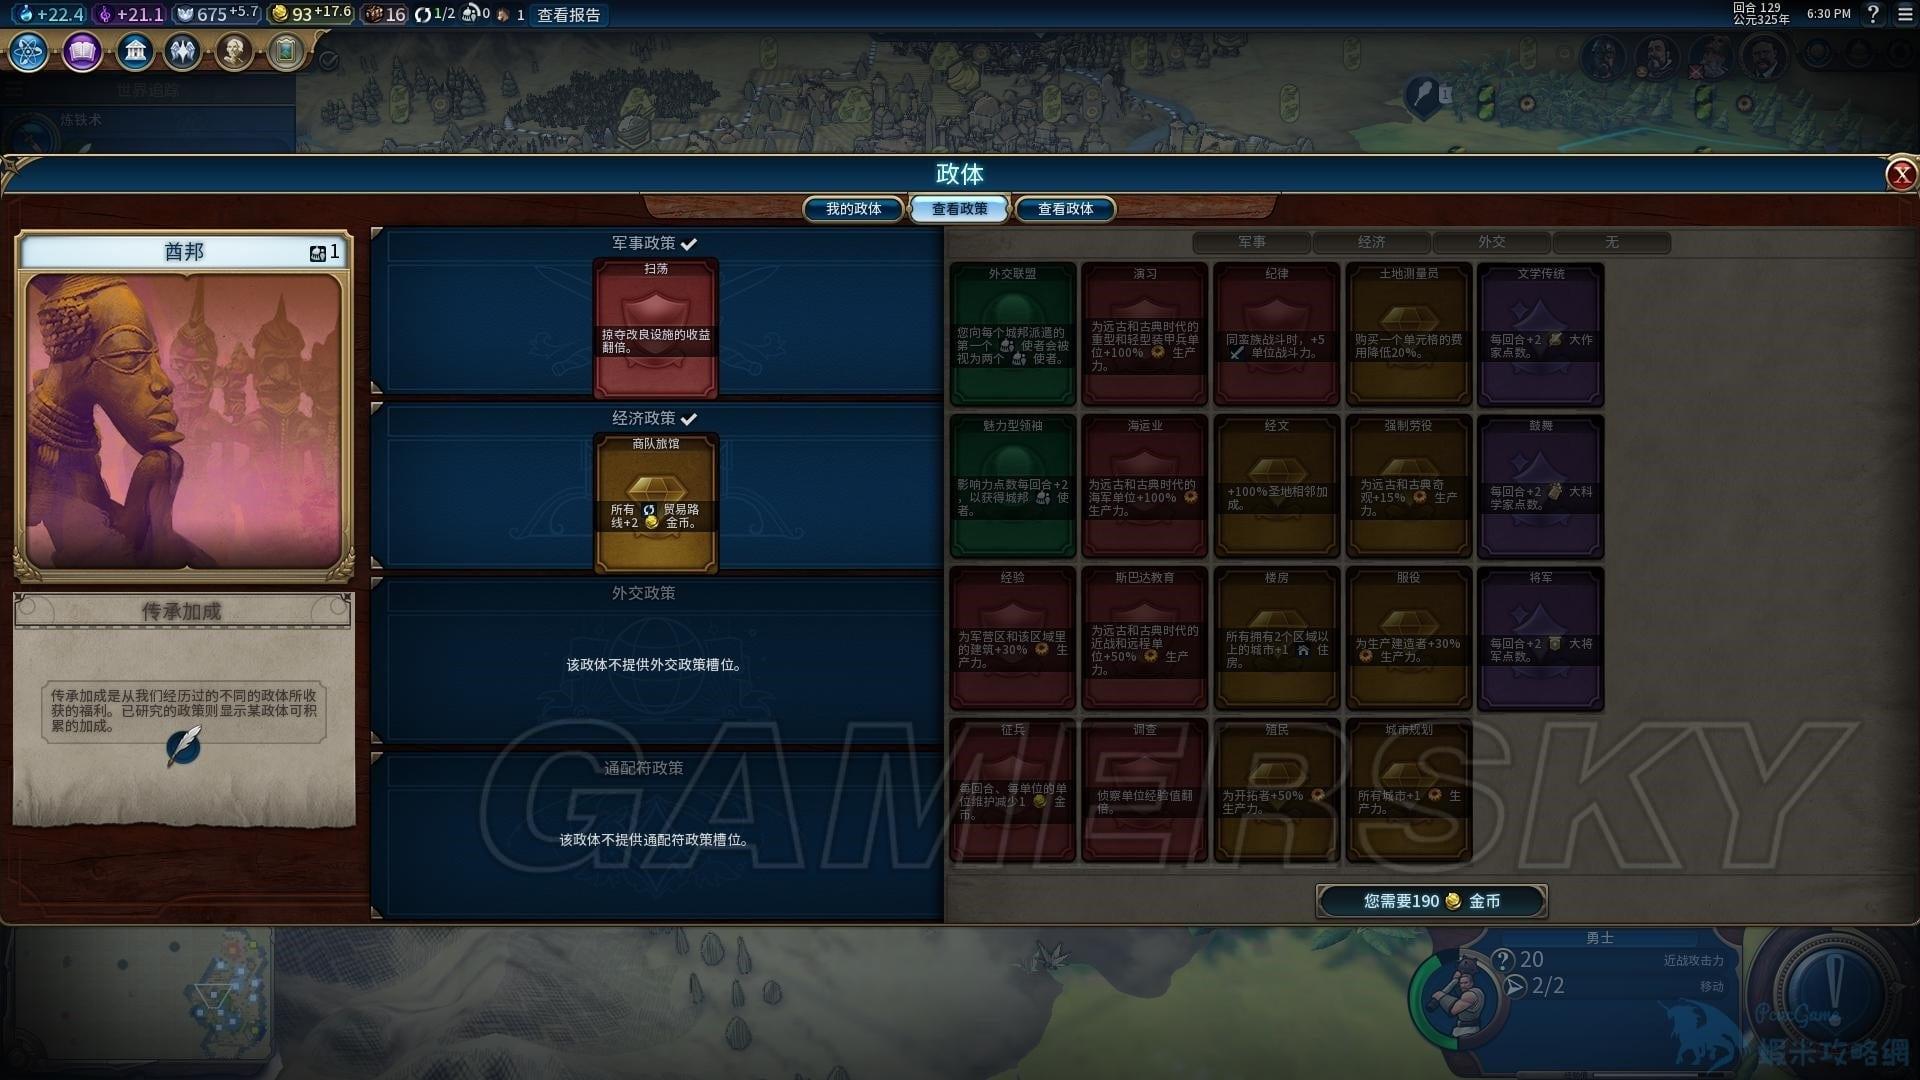 文明帝國 6 遊戲性玩法及尤里卡時刻感想心得